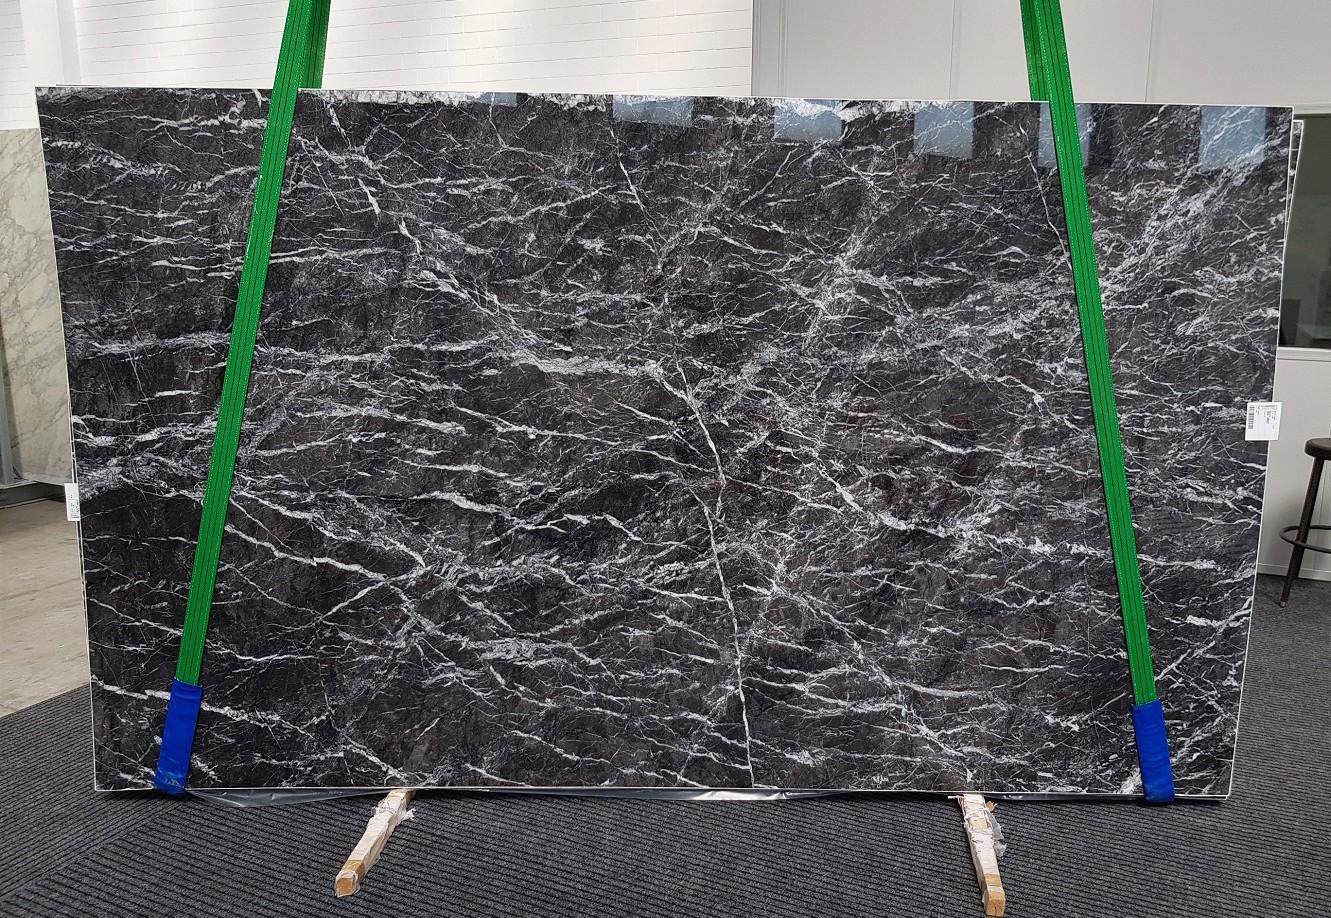 GRIGIO CARNICO Suministro Veneto (Italia) de planchas pulidas en mármol natural 1195 , Slab #34